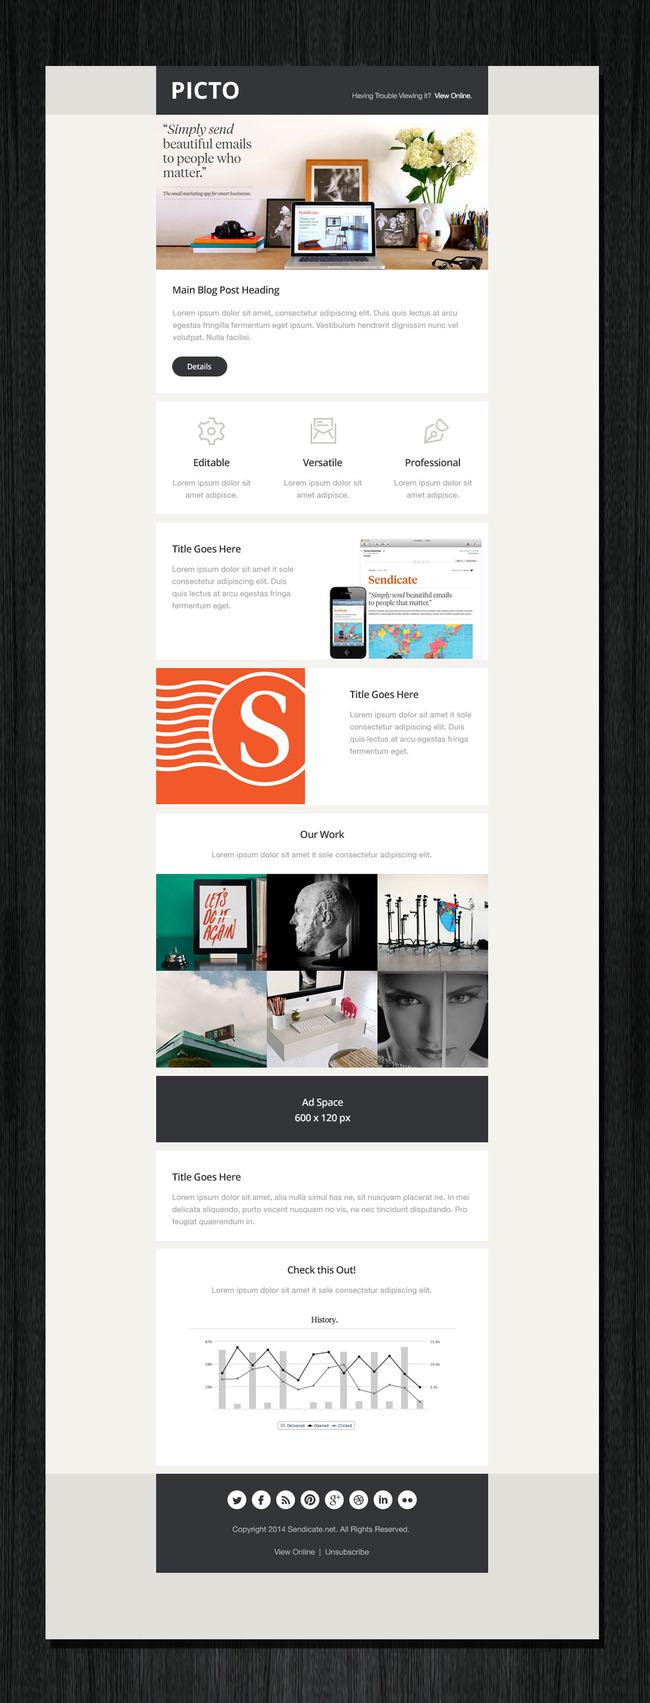 时尚简洁家居装饰类网站网页模板